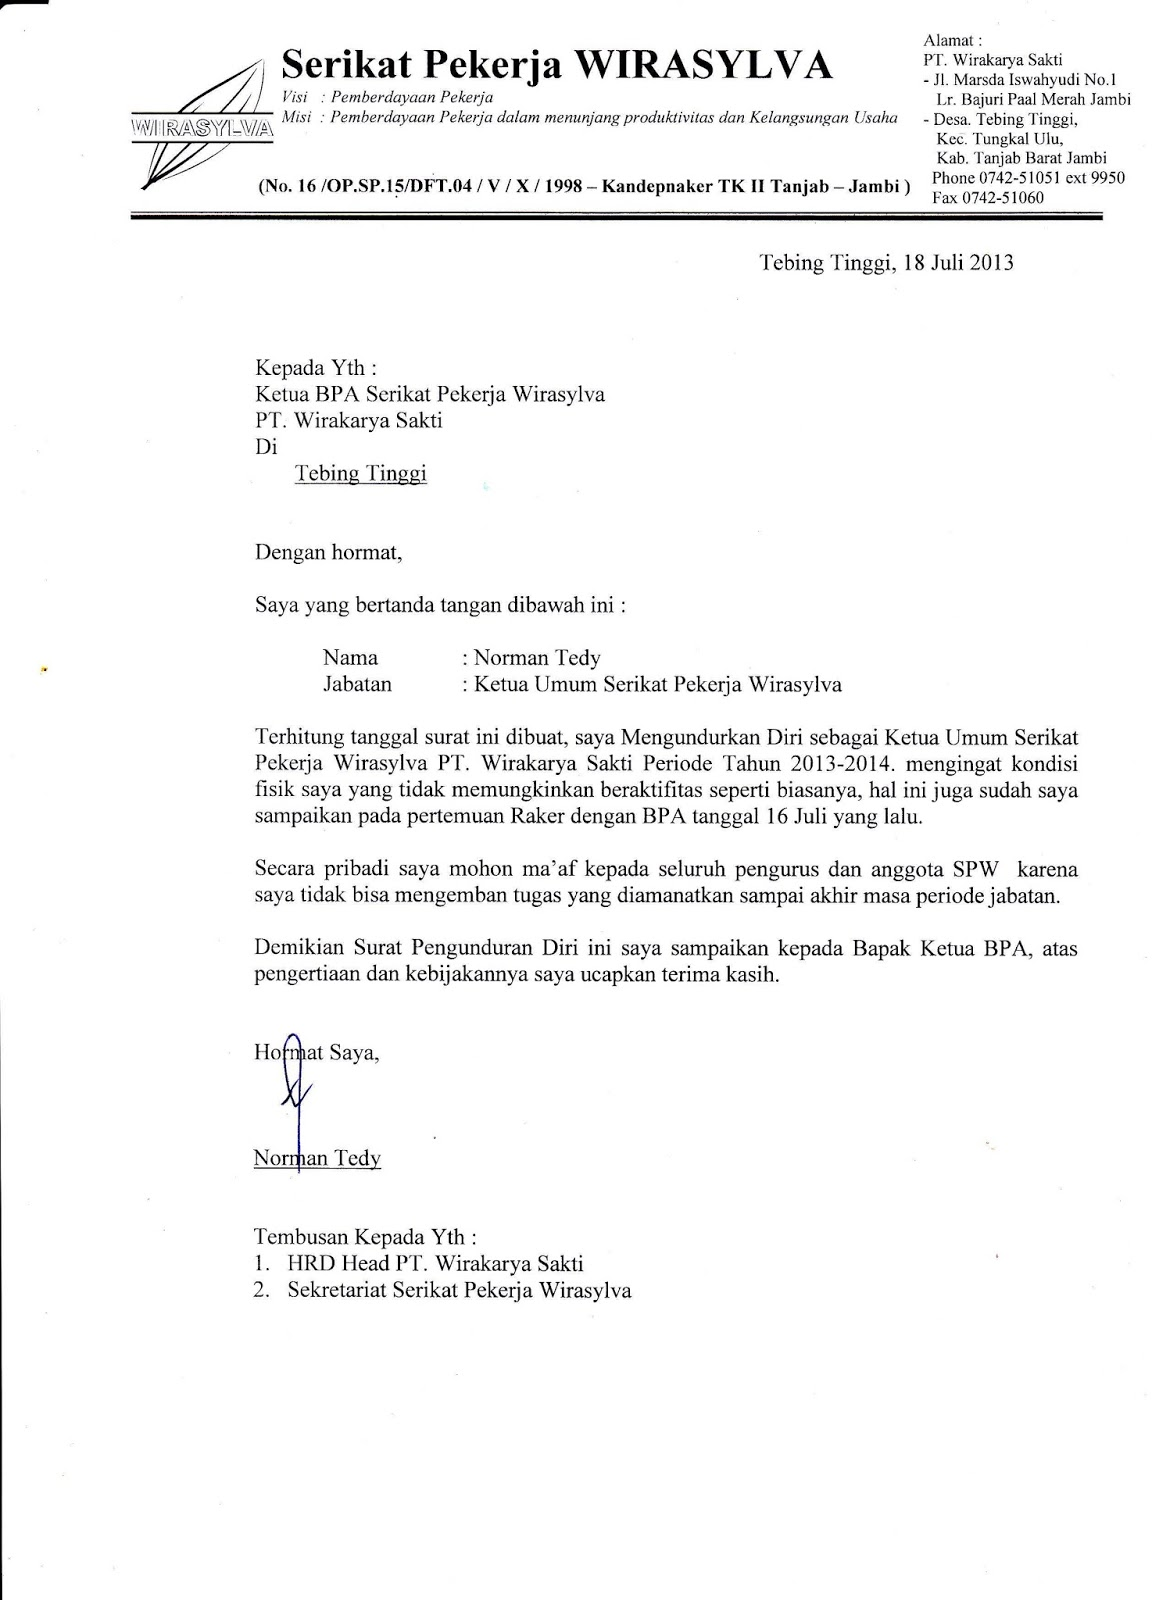 Contoh Surat Pengunduran Diri Dari Organisasi Serikat Pekerja Contoh Surat